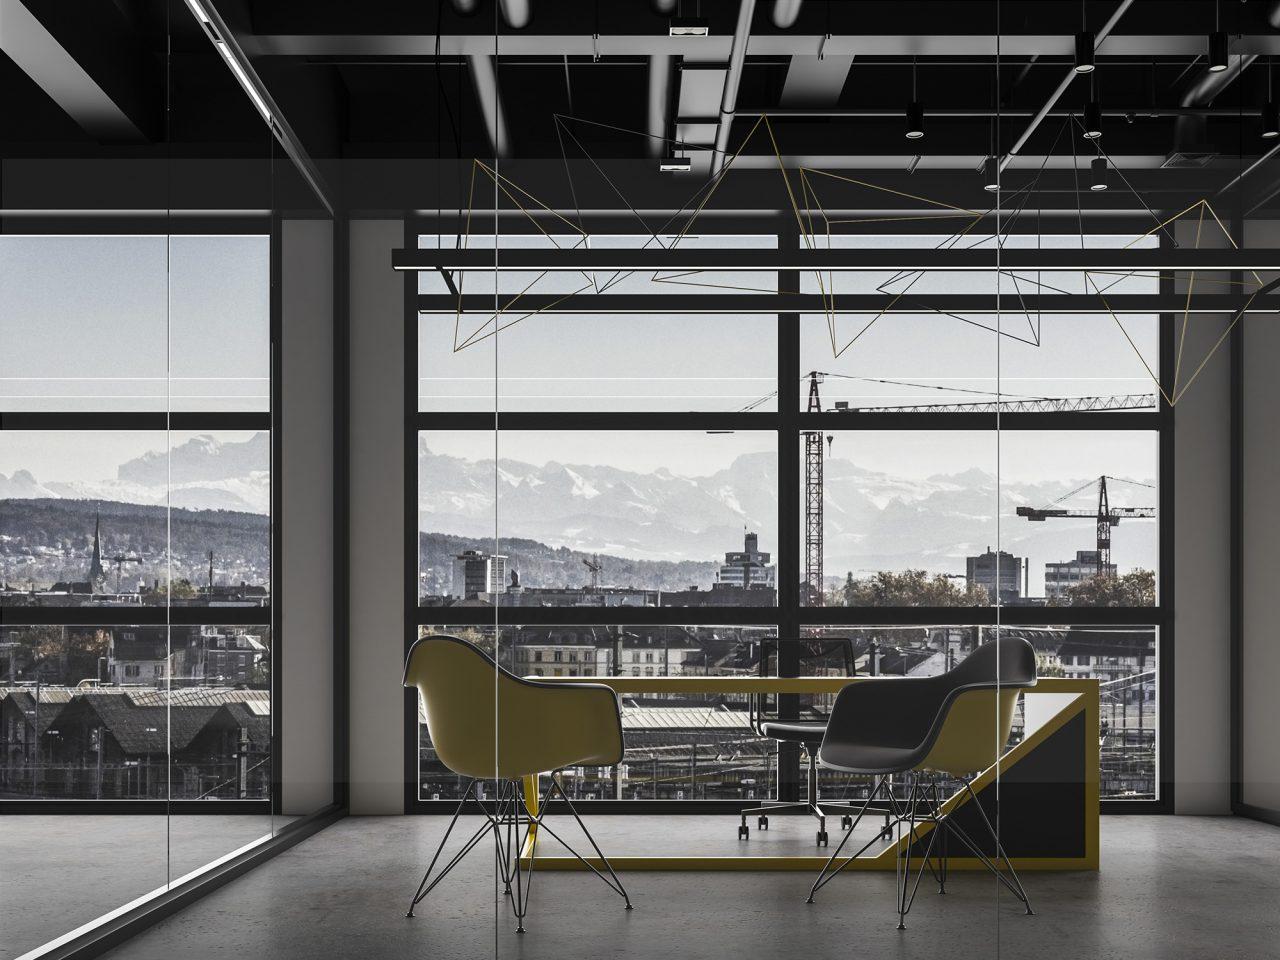 Projekt koncepcyjny modułu biurowego zlokalizowanego w nowoczesnym budynku wysokościowym. Wnętrze inspirowane postindustrialnym stylem. Pracownia14 rzeszów